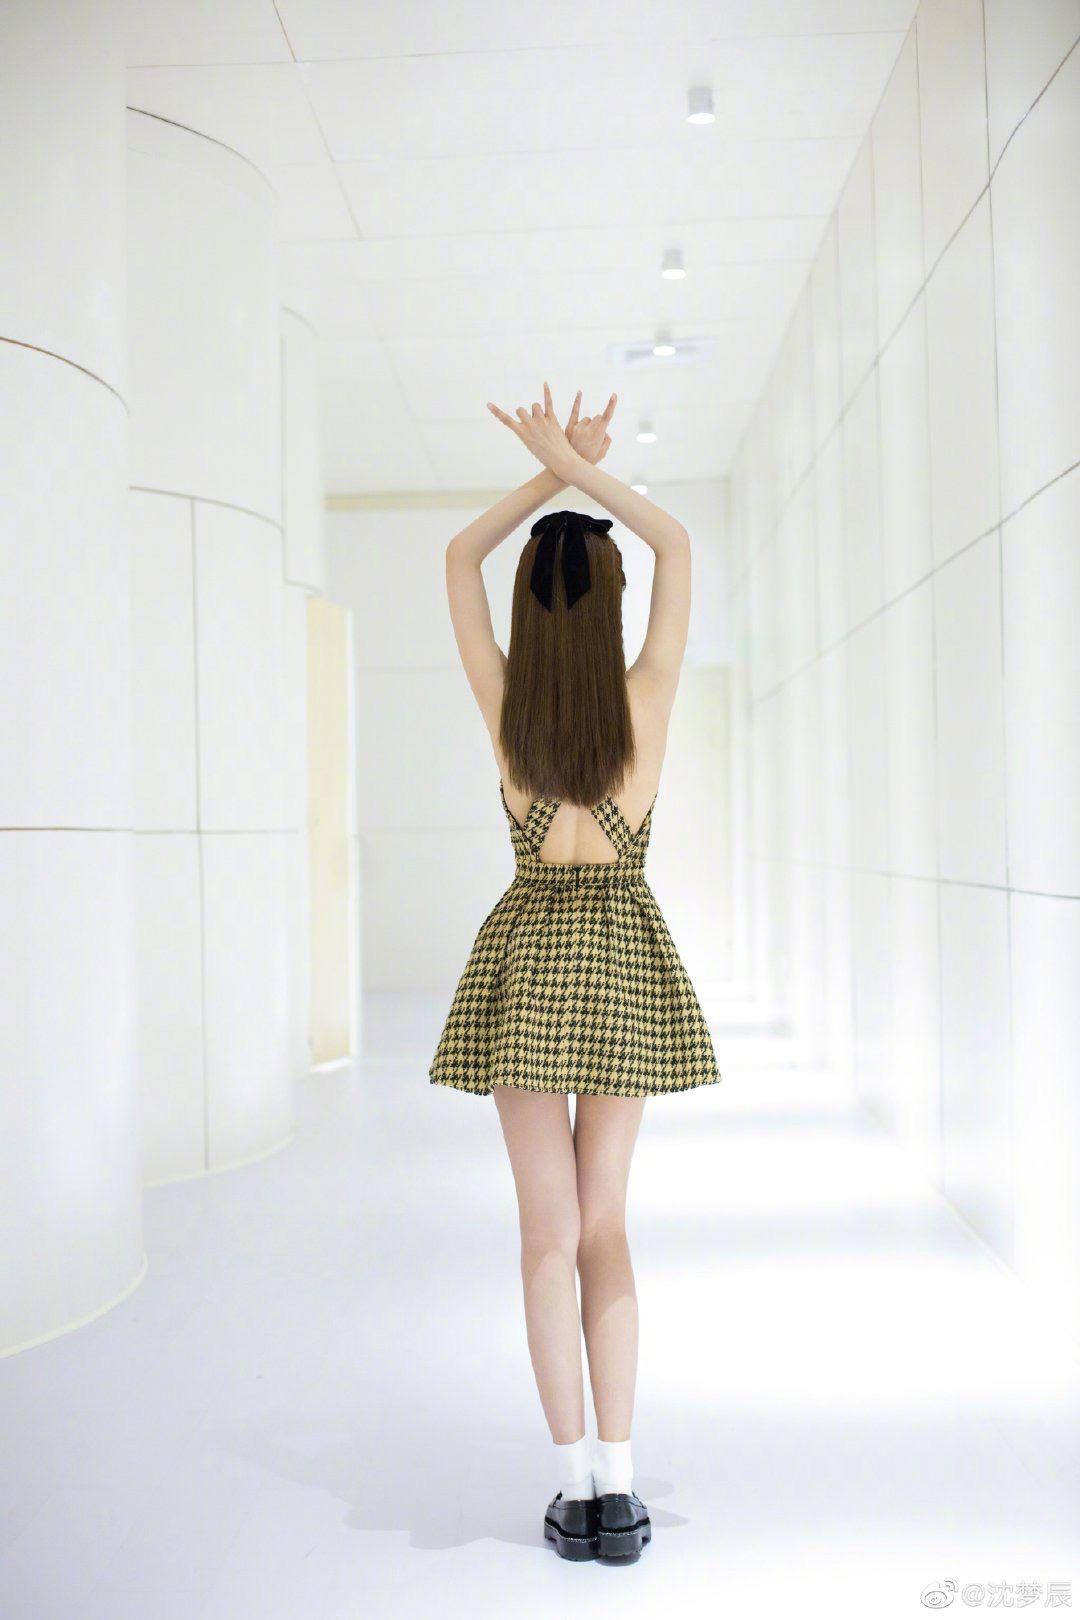 【多图】沈梦辰大晒美照!露背连身裙打扮超有女团feel!